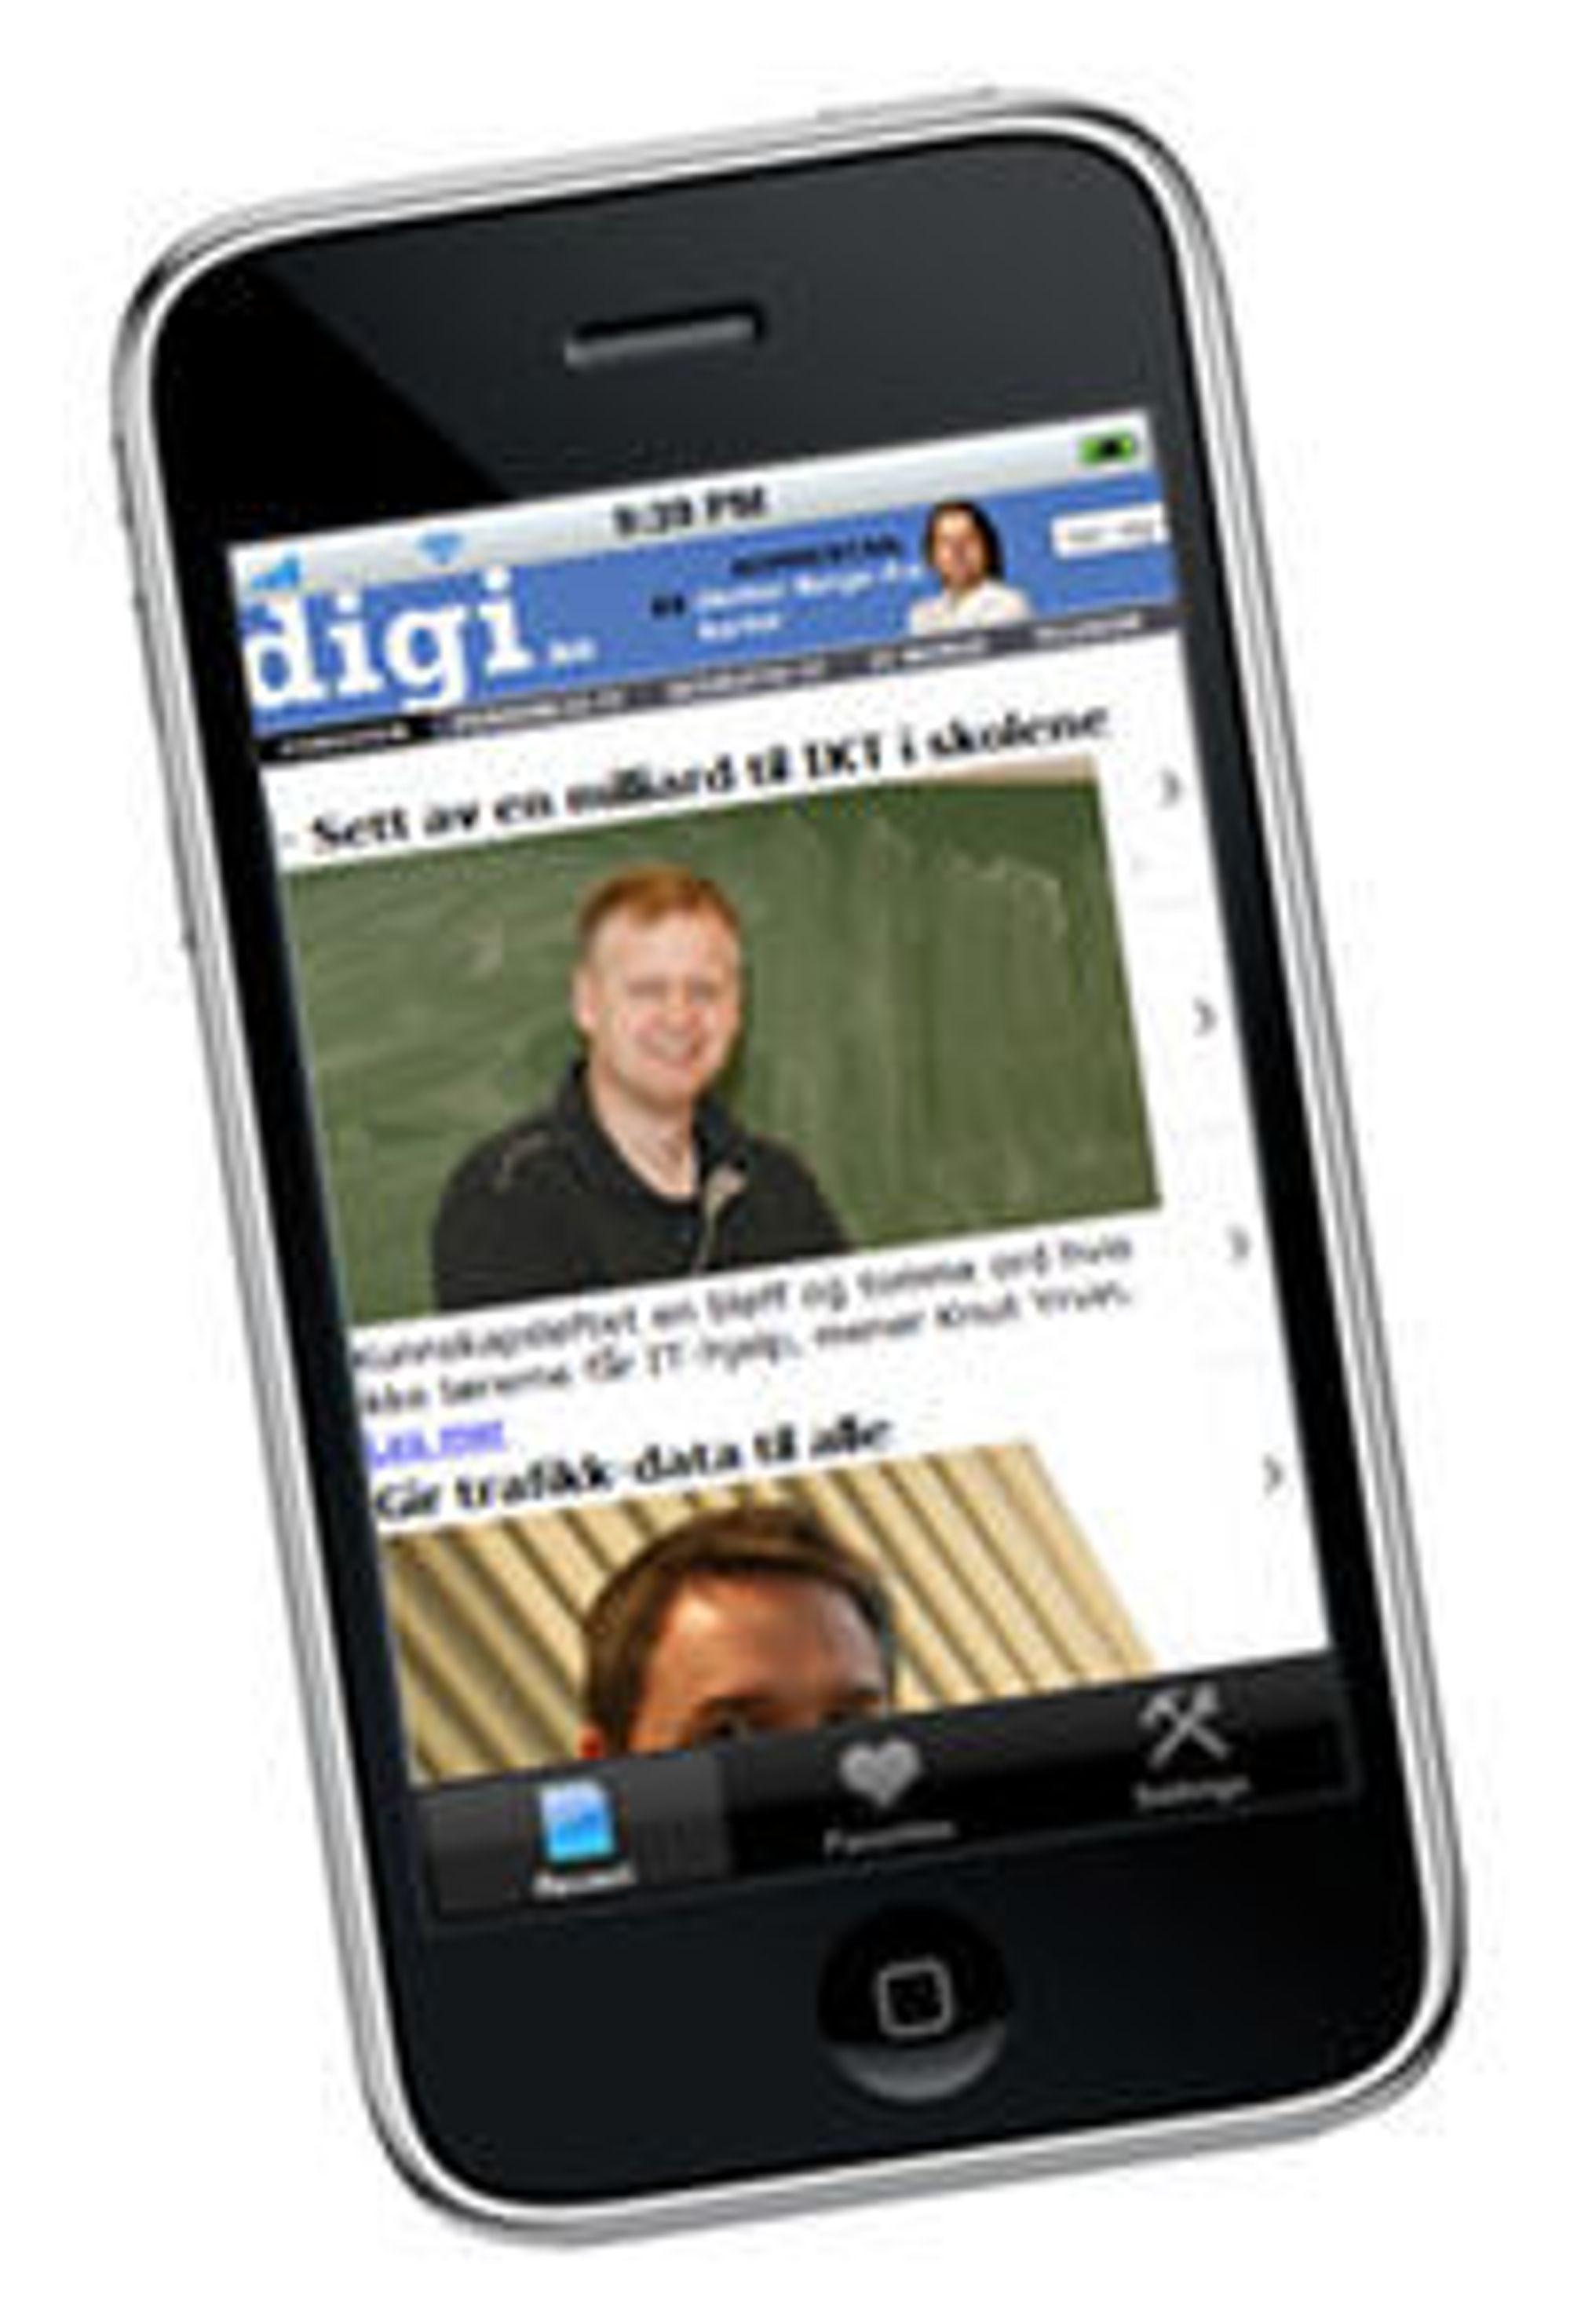 Med AppLoop får digi.no egen iPhone-applikasjon, så fort vi er registrert og godkjent.